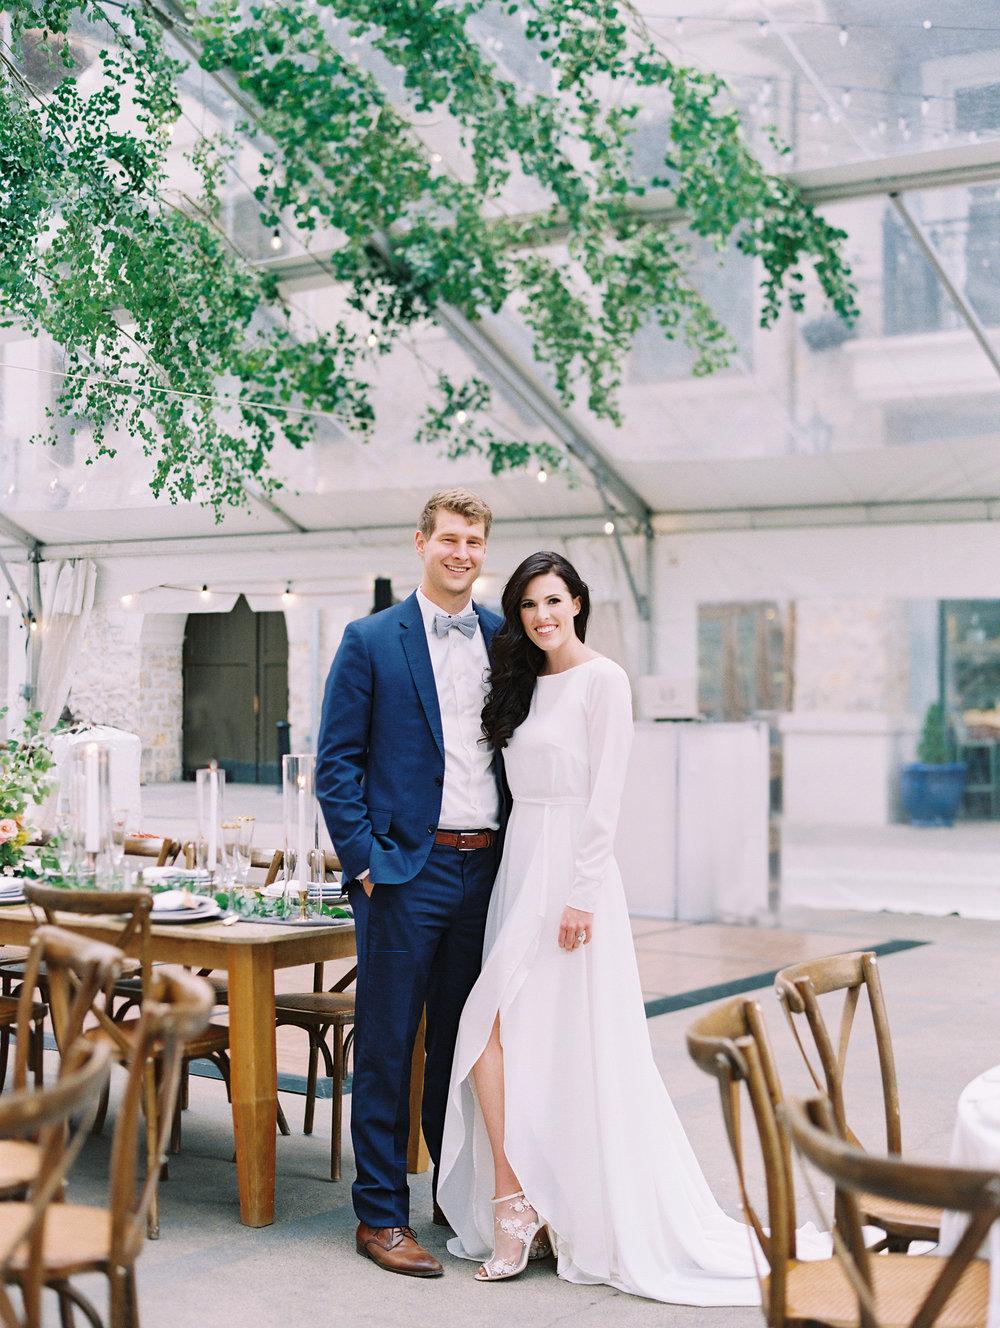 bride-and-groom-reception-vail-colorado.JPG